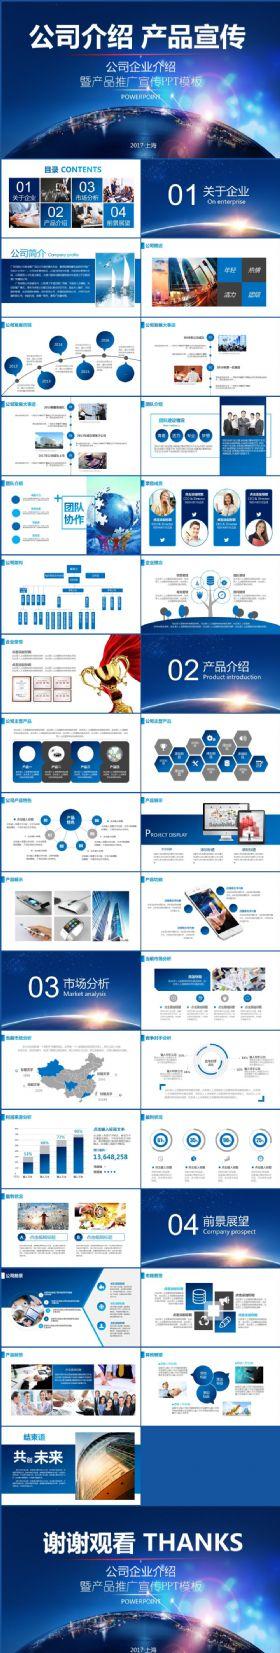 公司简介企业宣传产品介绍PPT模板